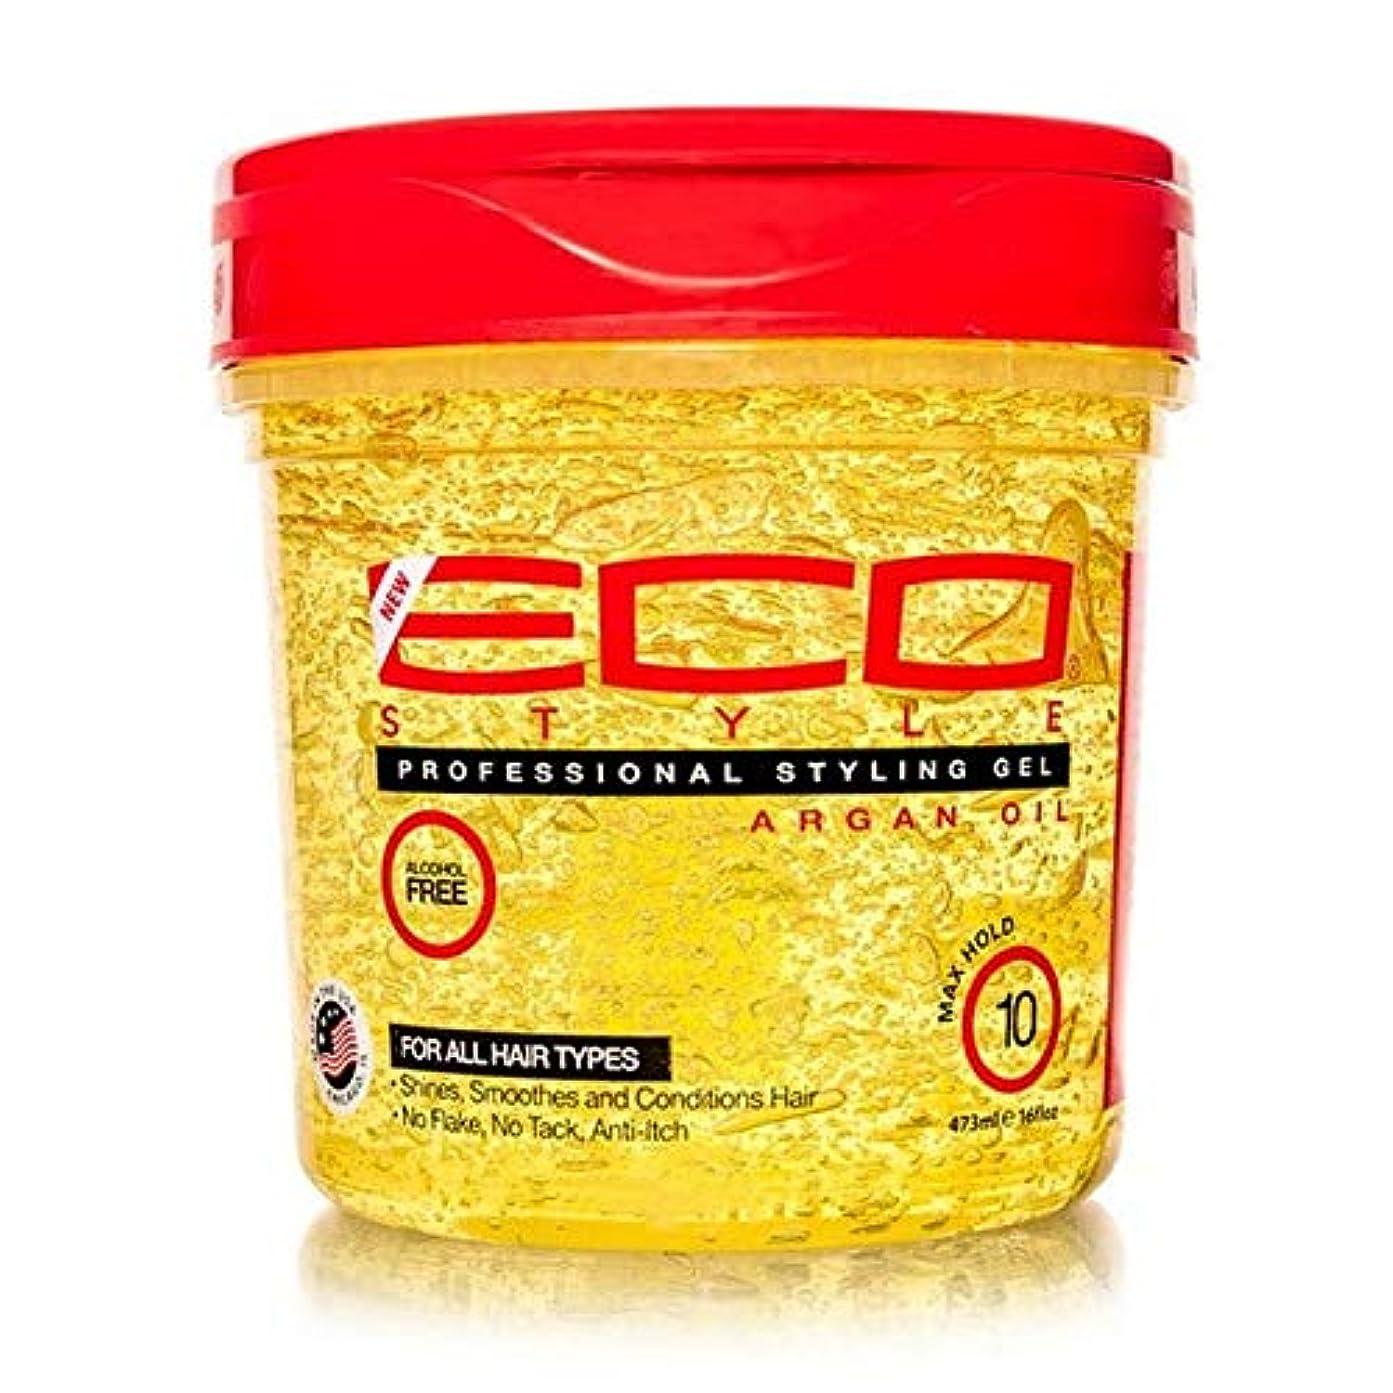 ポルトガル語ポップ幅[ECO STYLER ] エコスタイラモロッコアルガン油スタイリングゲル473ミリリットル - ECO Styler Moroccan Argan Oil Styling Gel 473ml [並行輸入品]